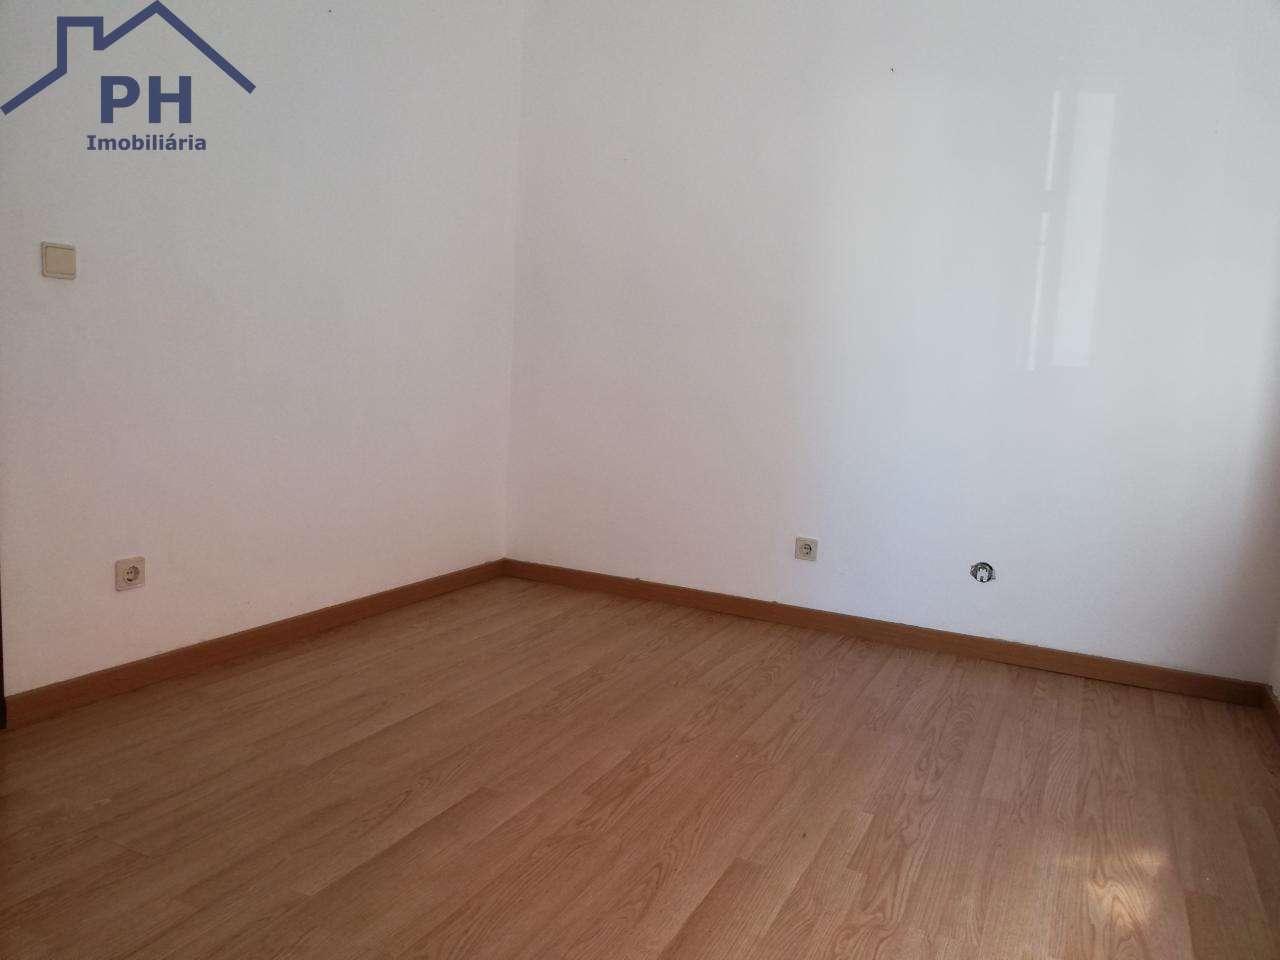 Apartamento para comprar, Quinta do Conde, Sesimbra, Setúbal - Foto 8